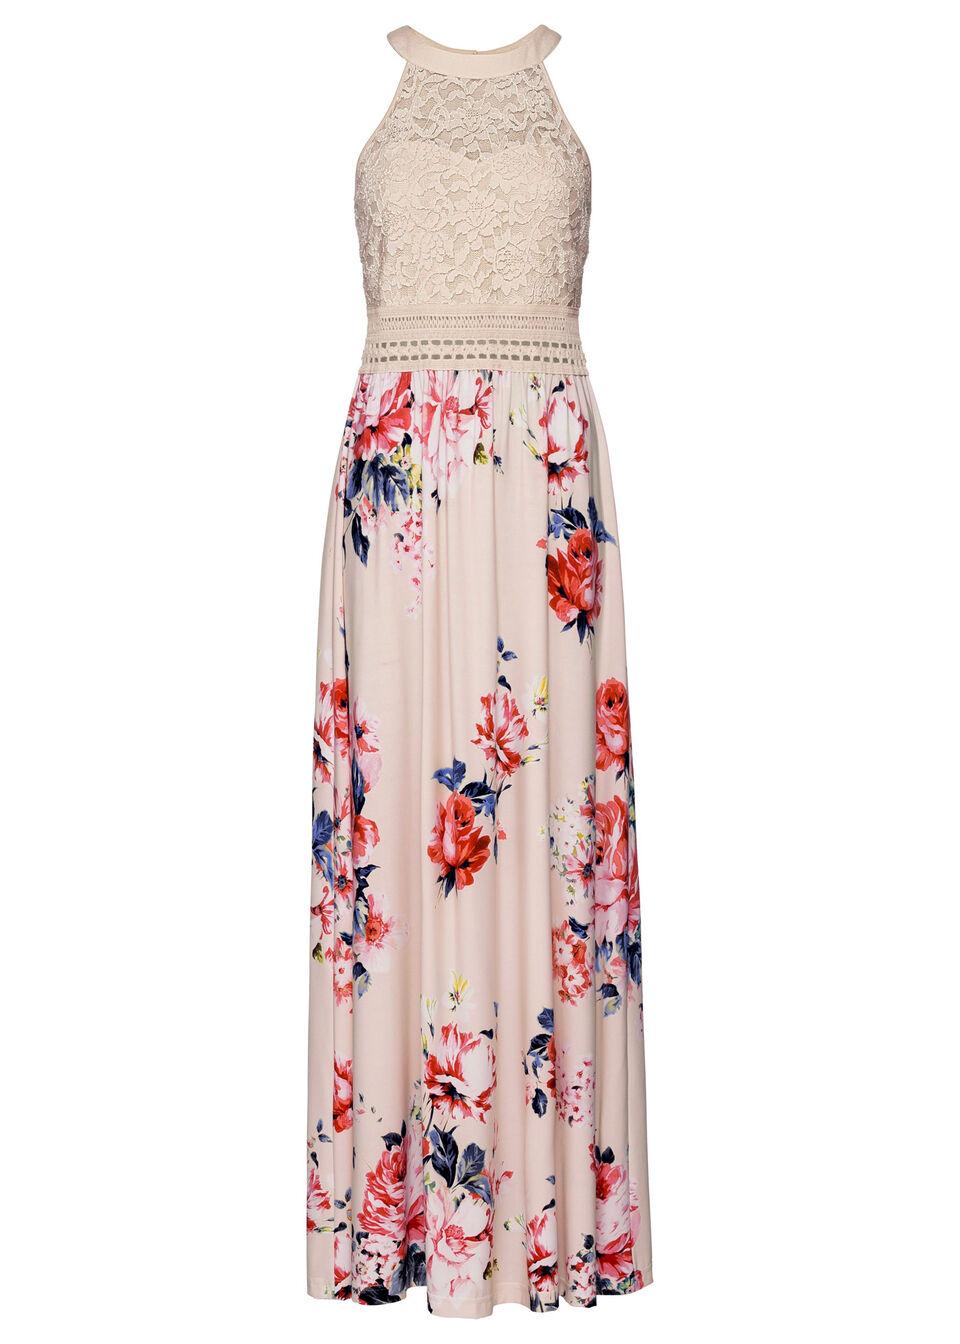 Купить Платье с цветочным принтом и кружевом, bonprix, бежевый-лиловый-розовый